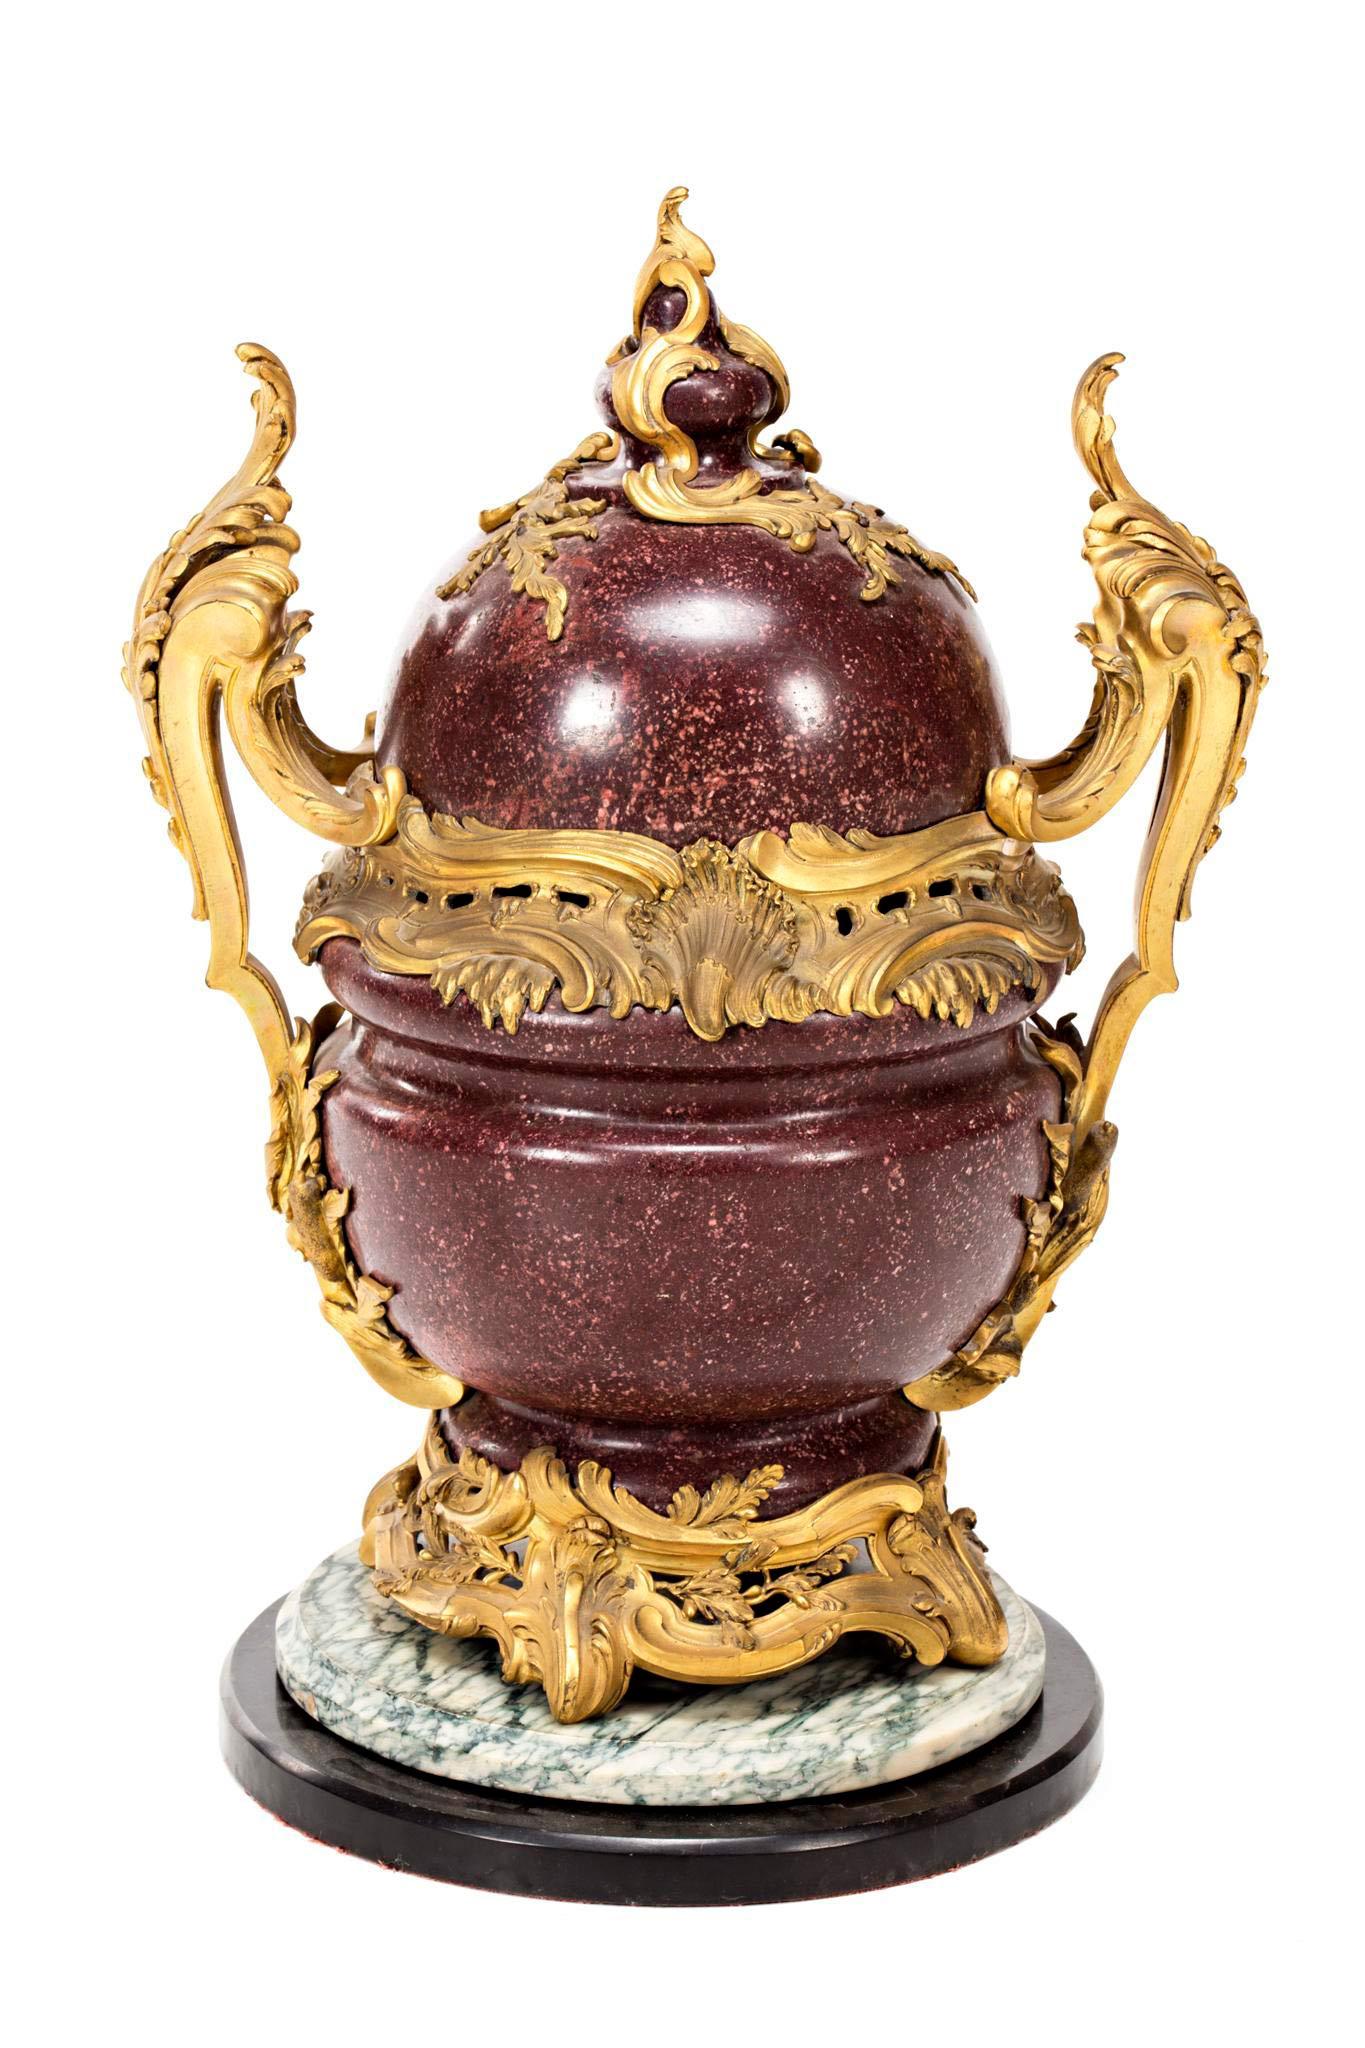 564-Pot-pourri-Napoleón-III-en-pórfido-egipcio-con-montura-estilo-Luis-XV-en-bronce-dorado,-de-la-segunda-mitad-del-siglo-XIX 05